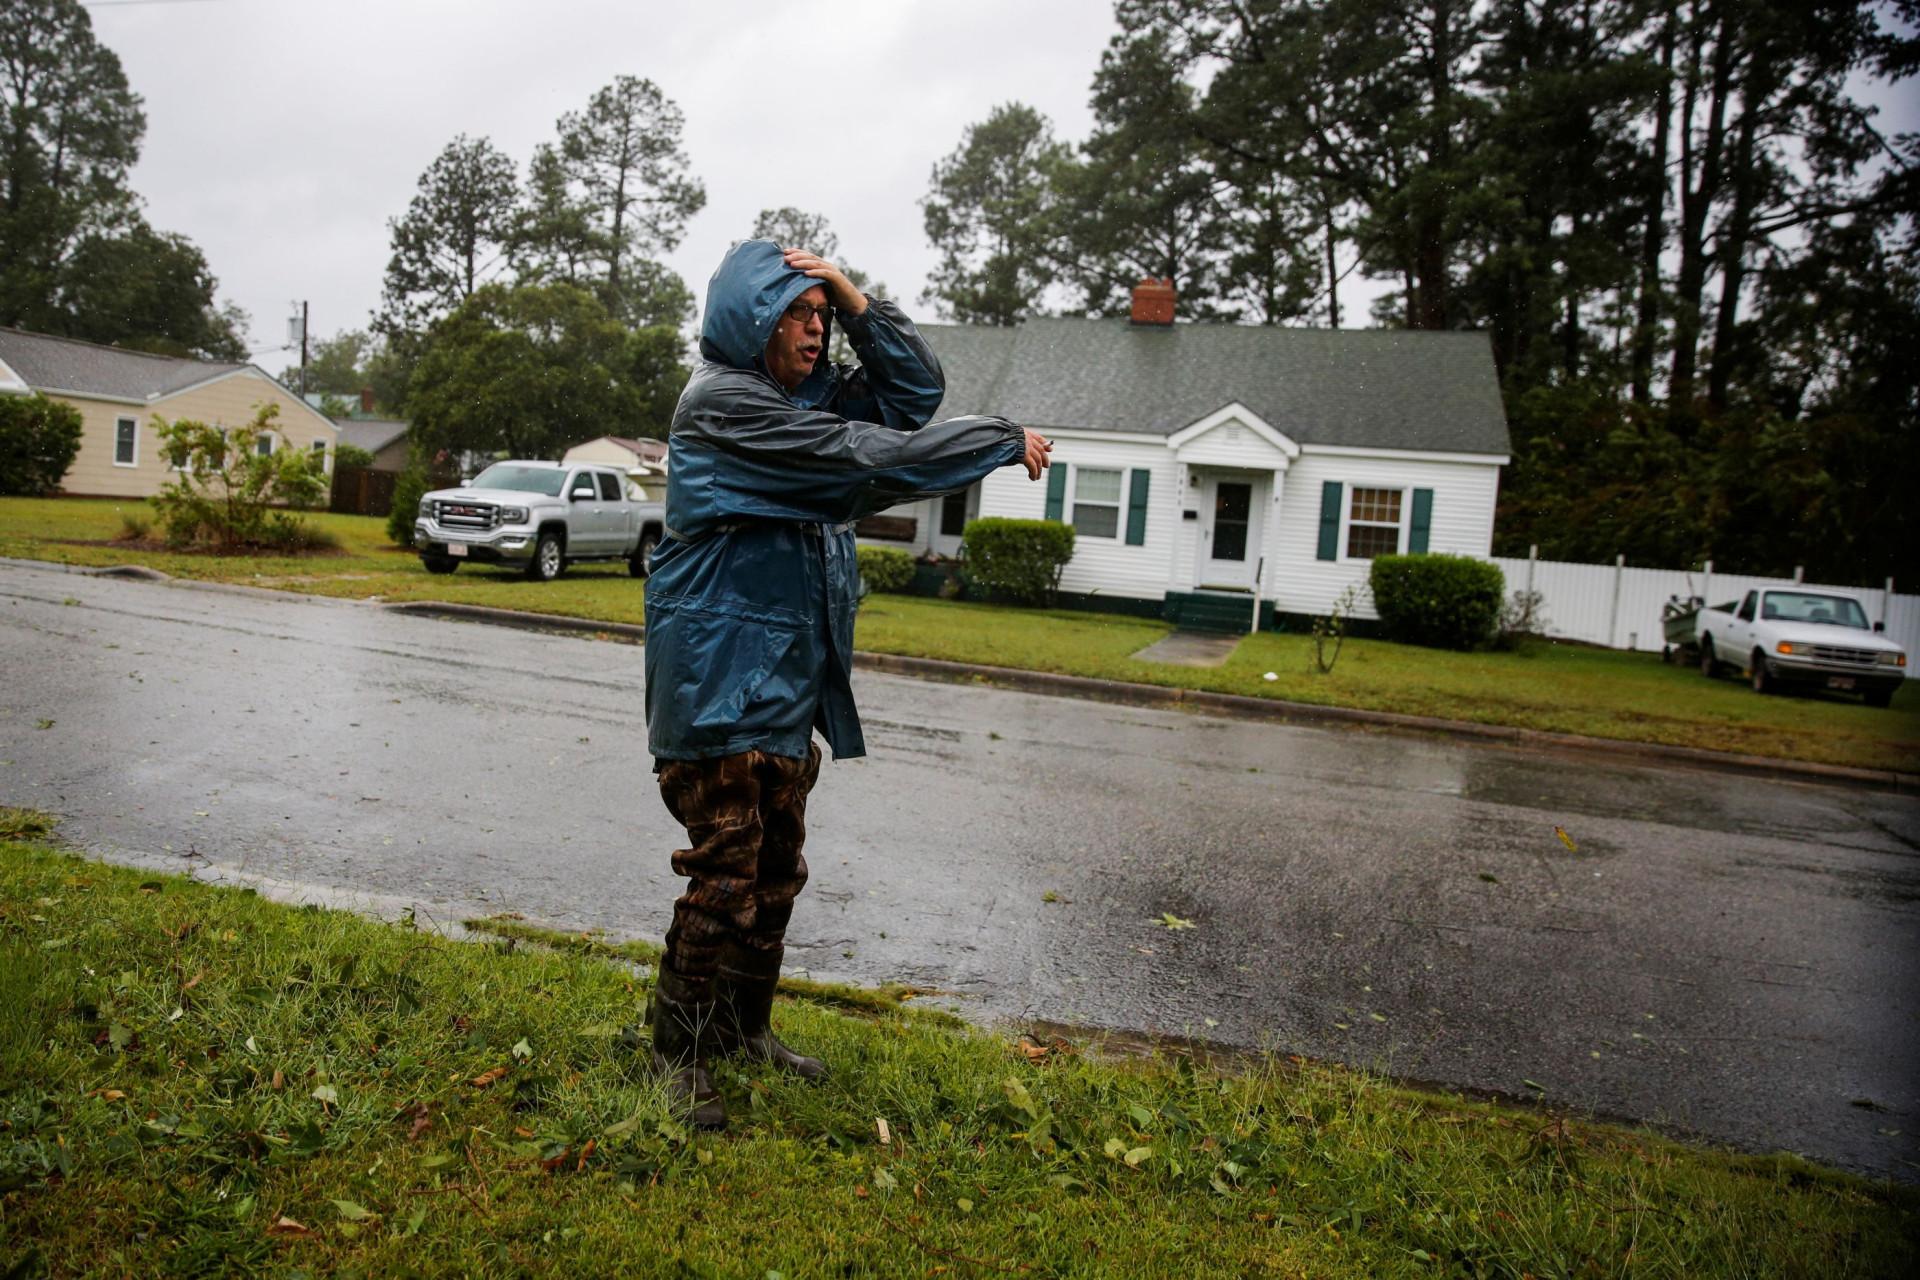 Olho do furacão. As imagens do Florence a chegar à Carolina do Norte